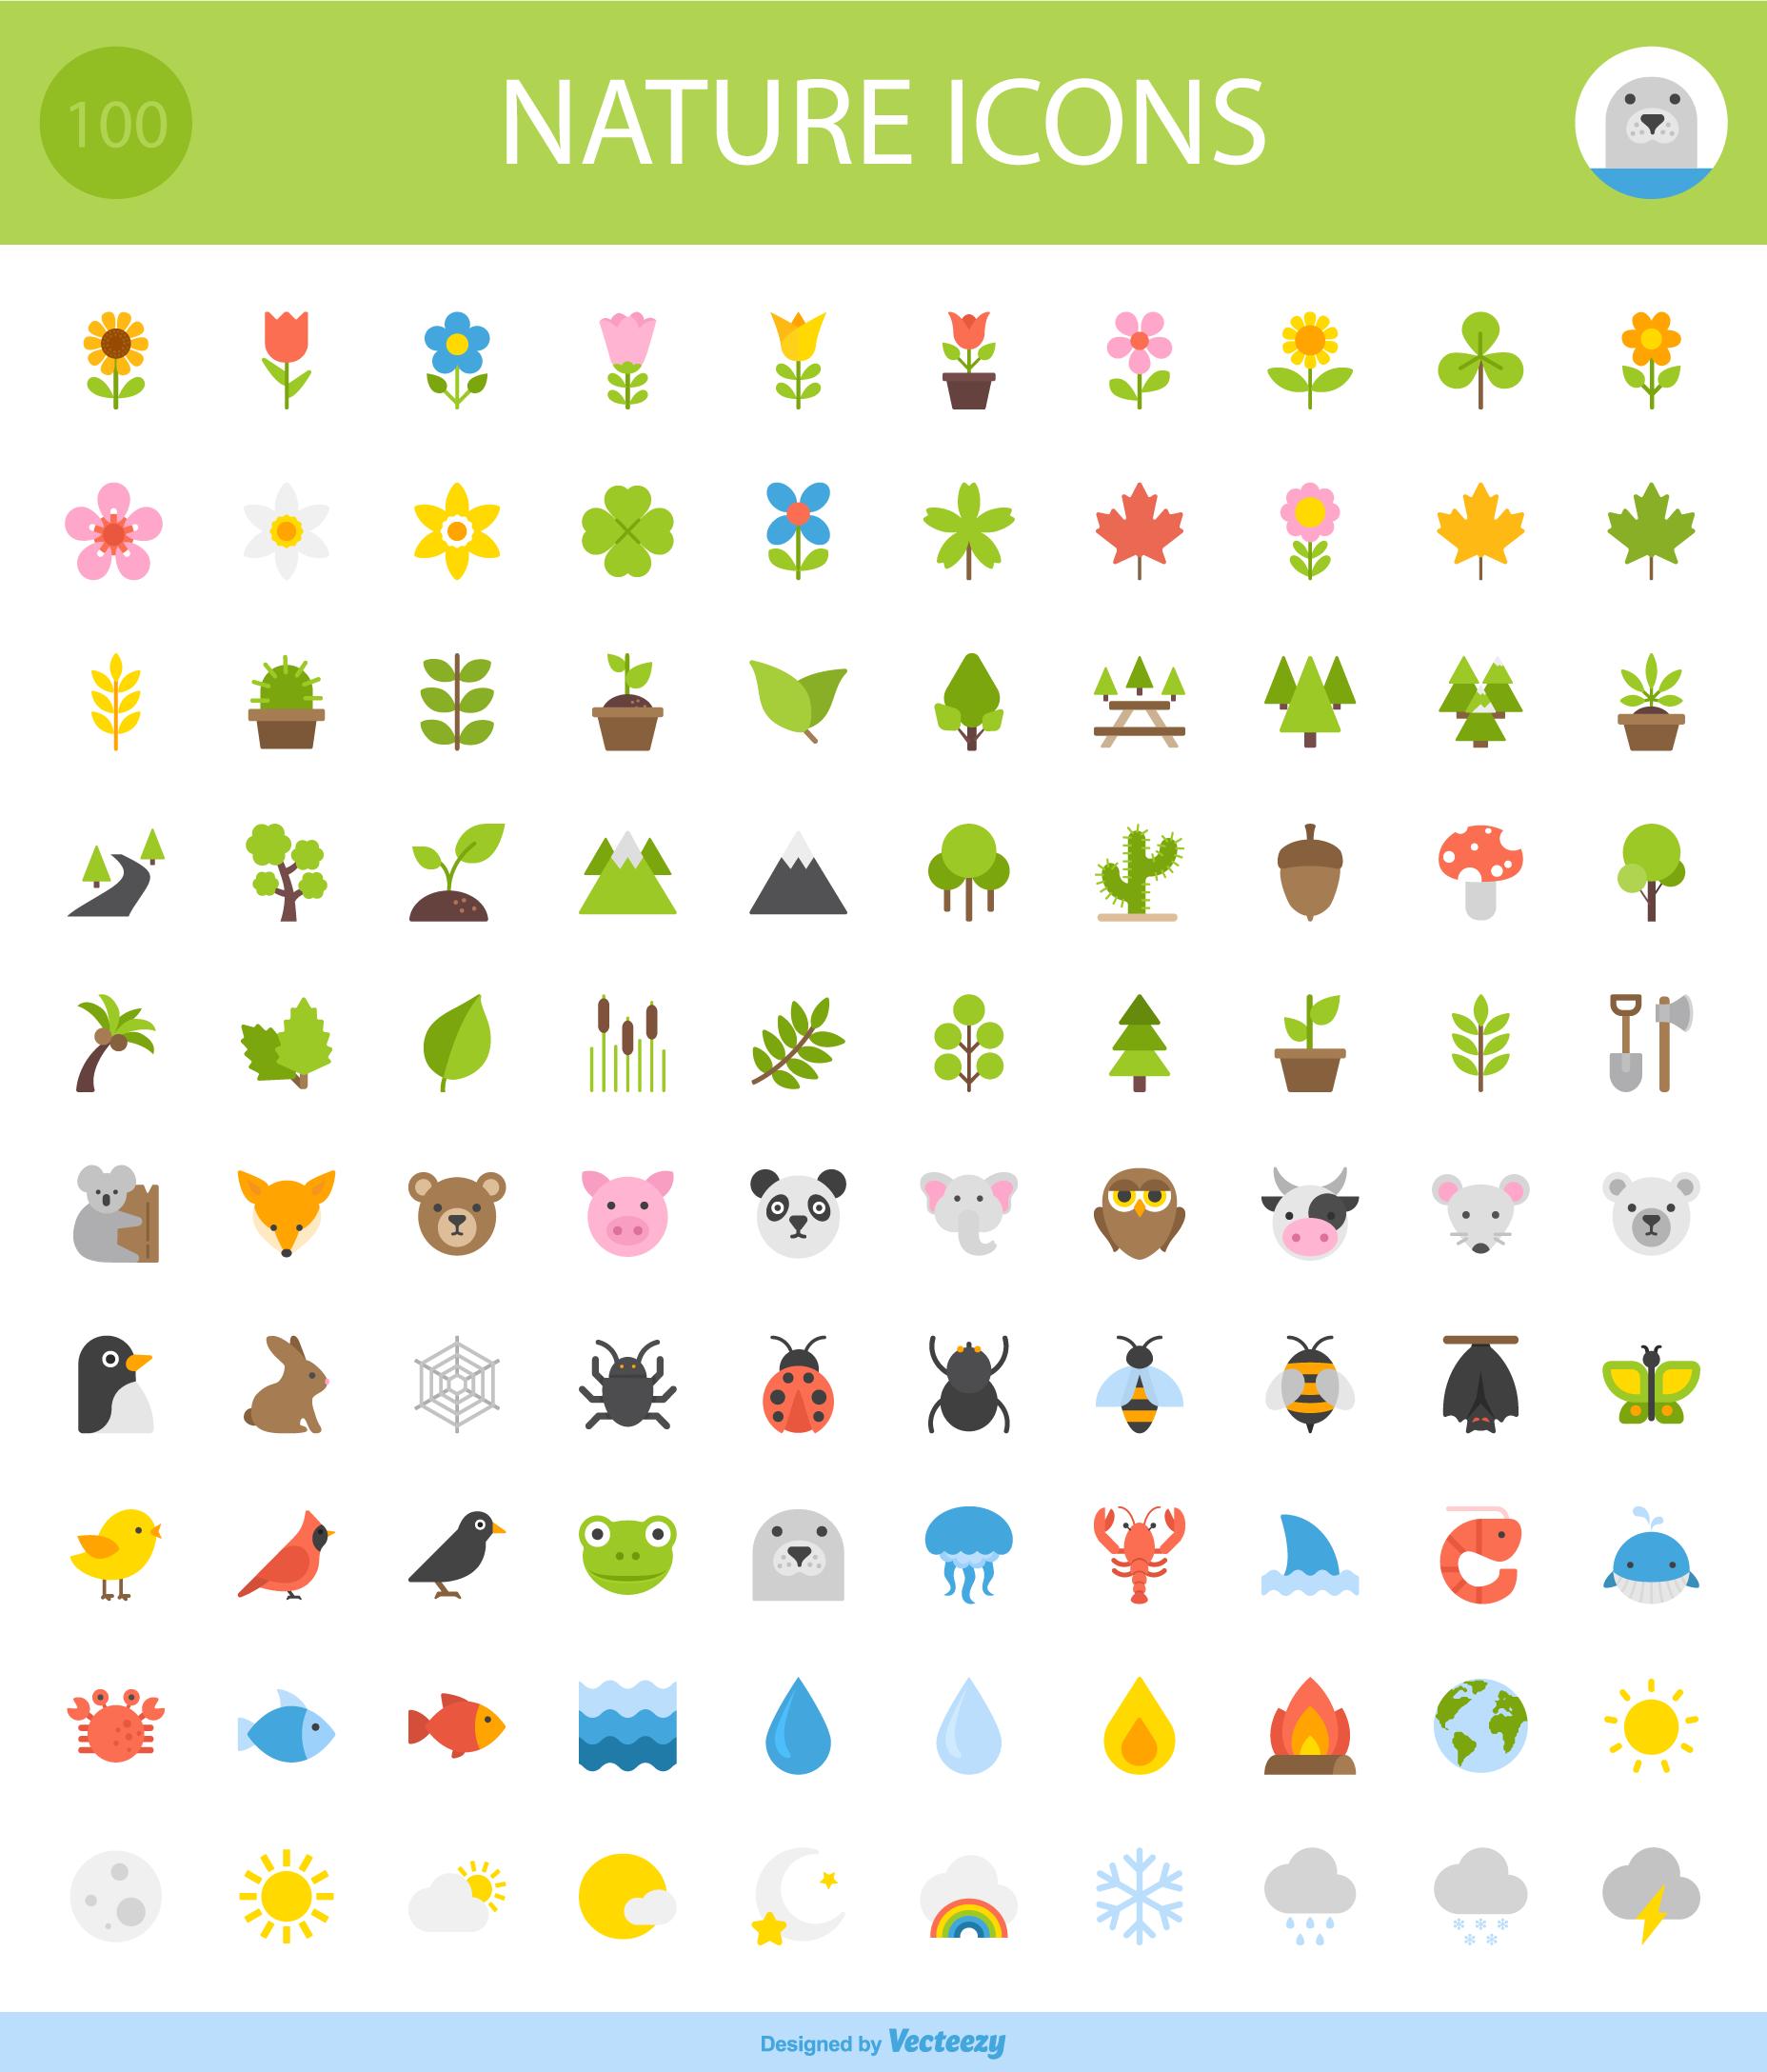 iconos inspirados en la naturaleza